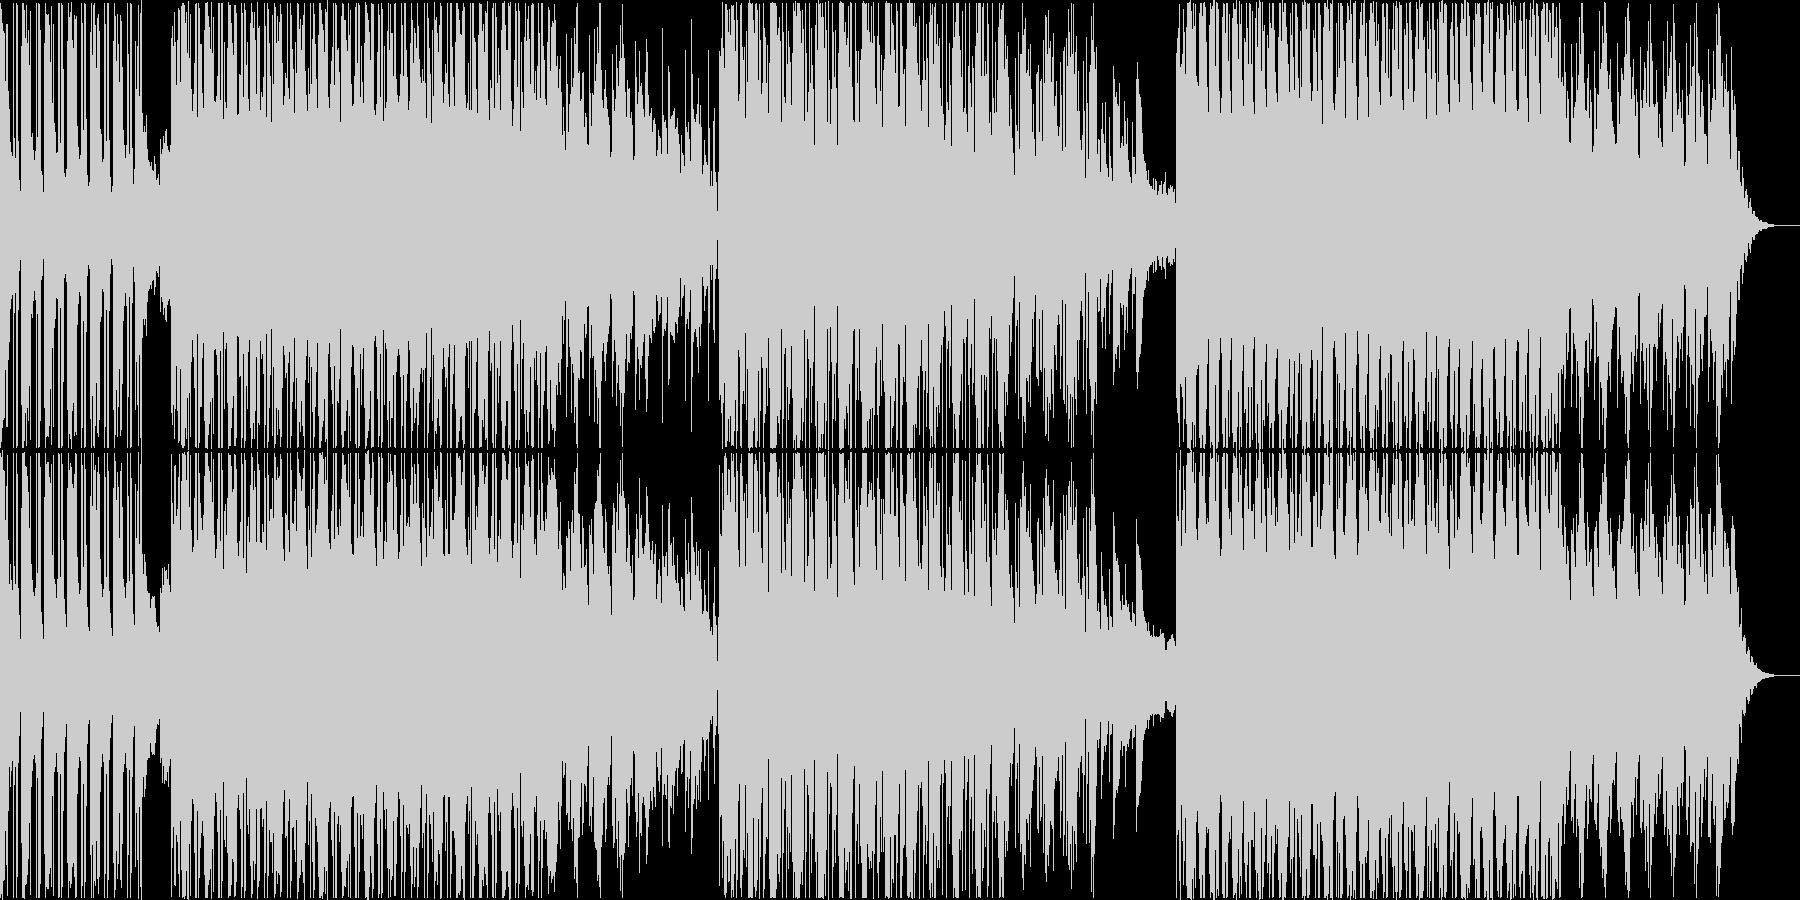 ダークな世界観のダブトラックの未再生の波形